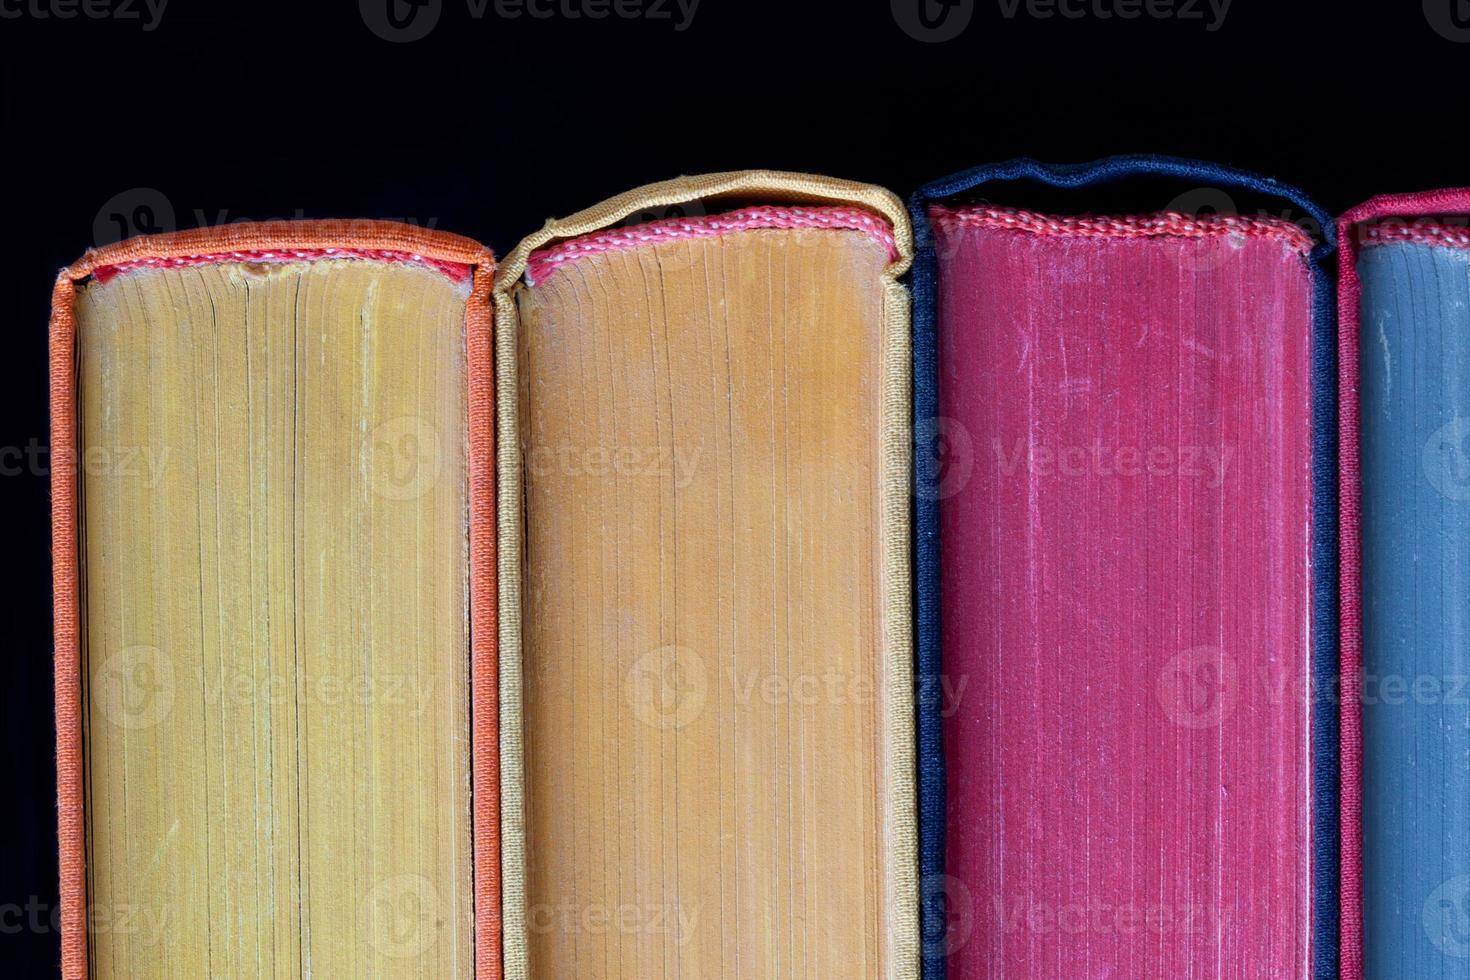 färgglada böcker. hårt omslag. svart bakgrund. isolerat foto